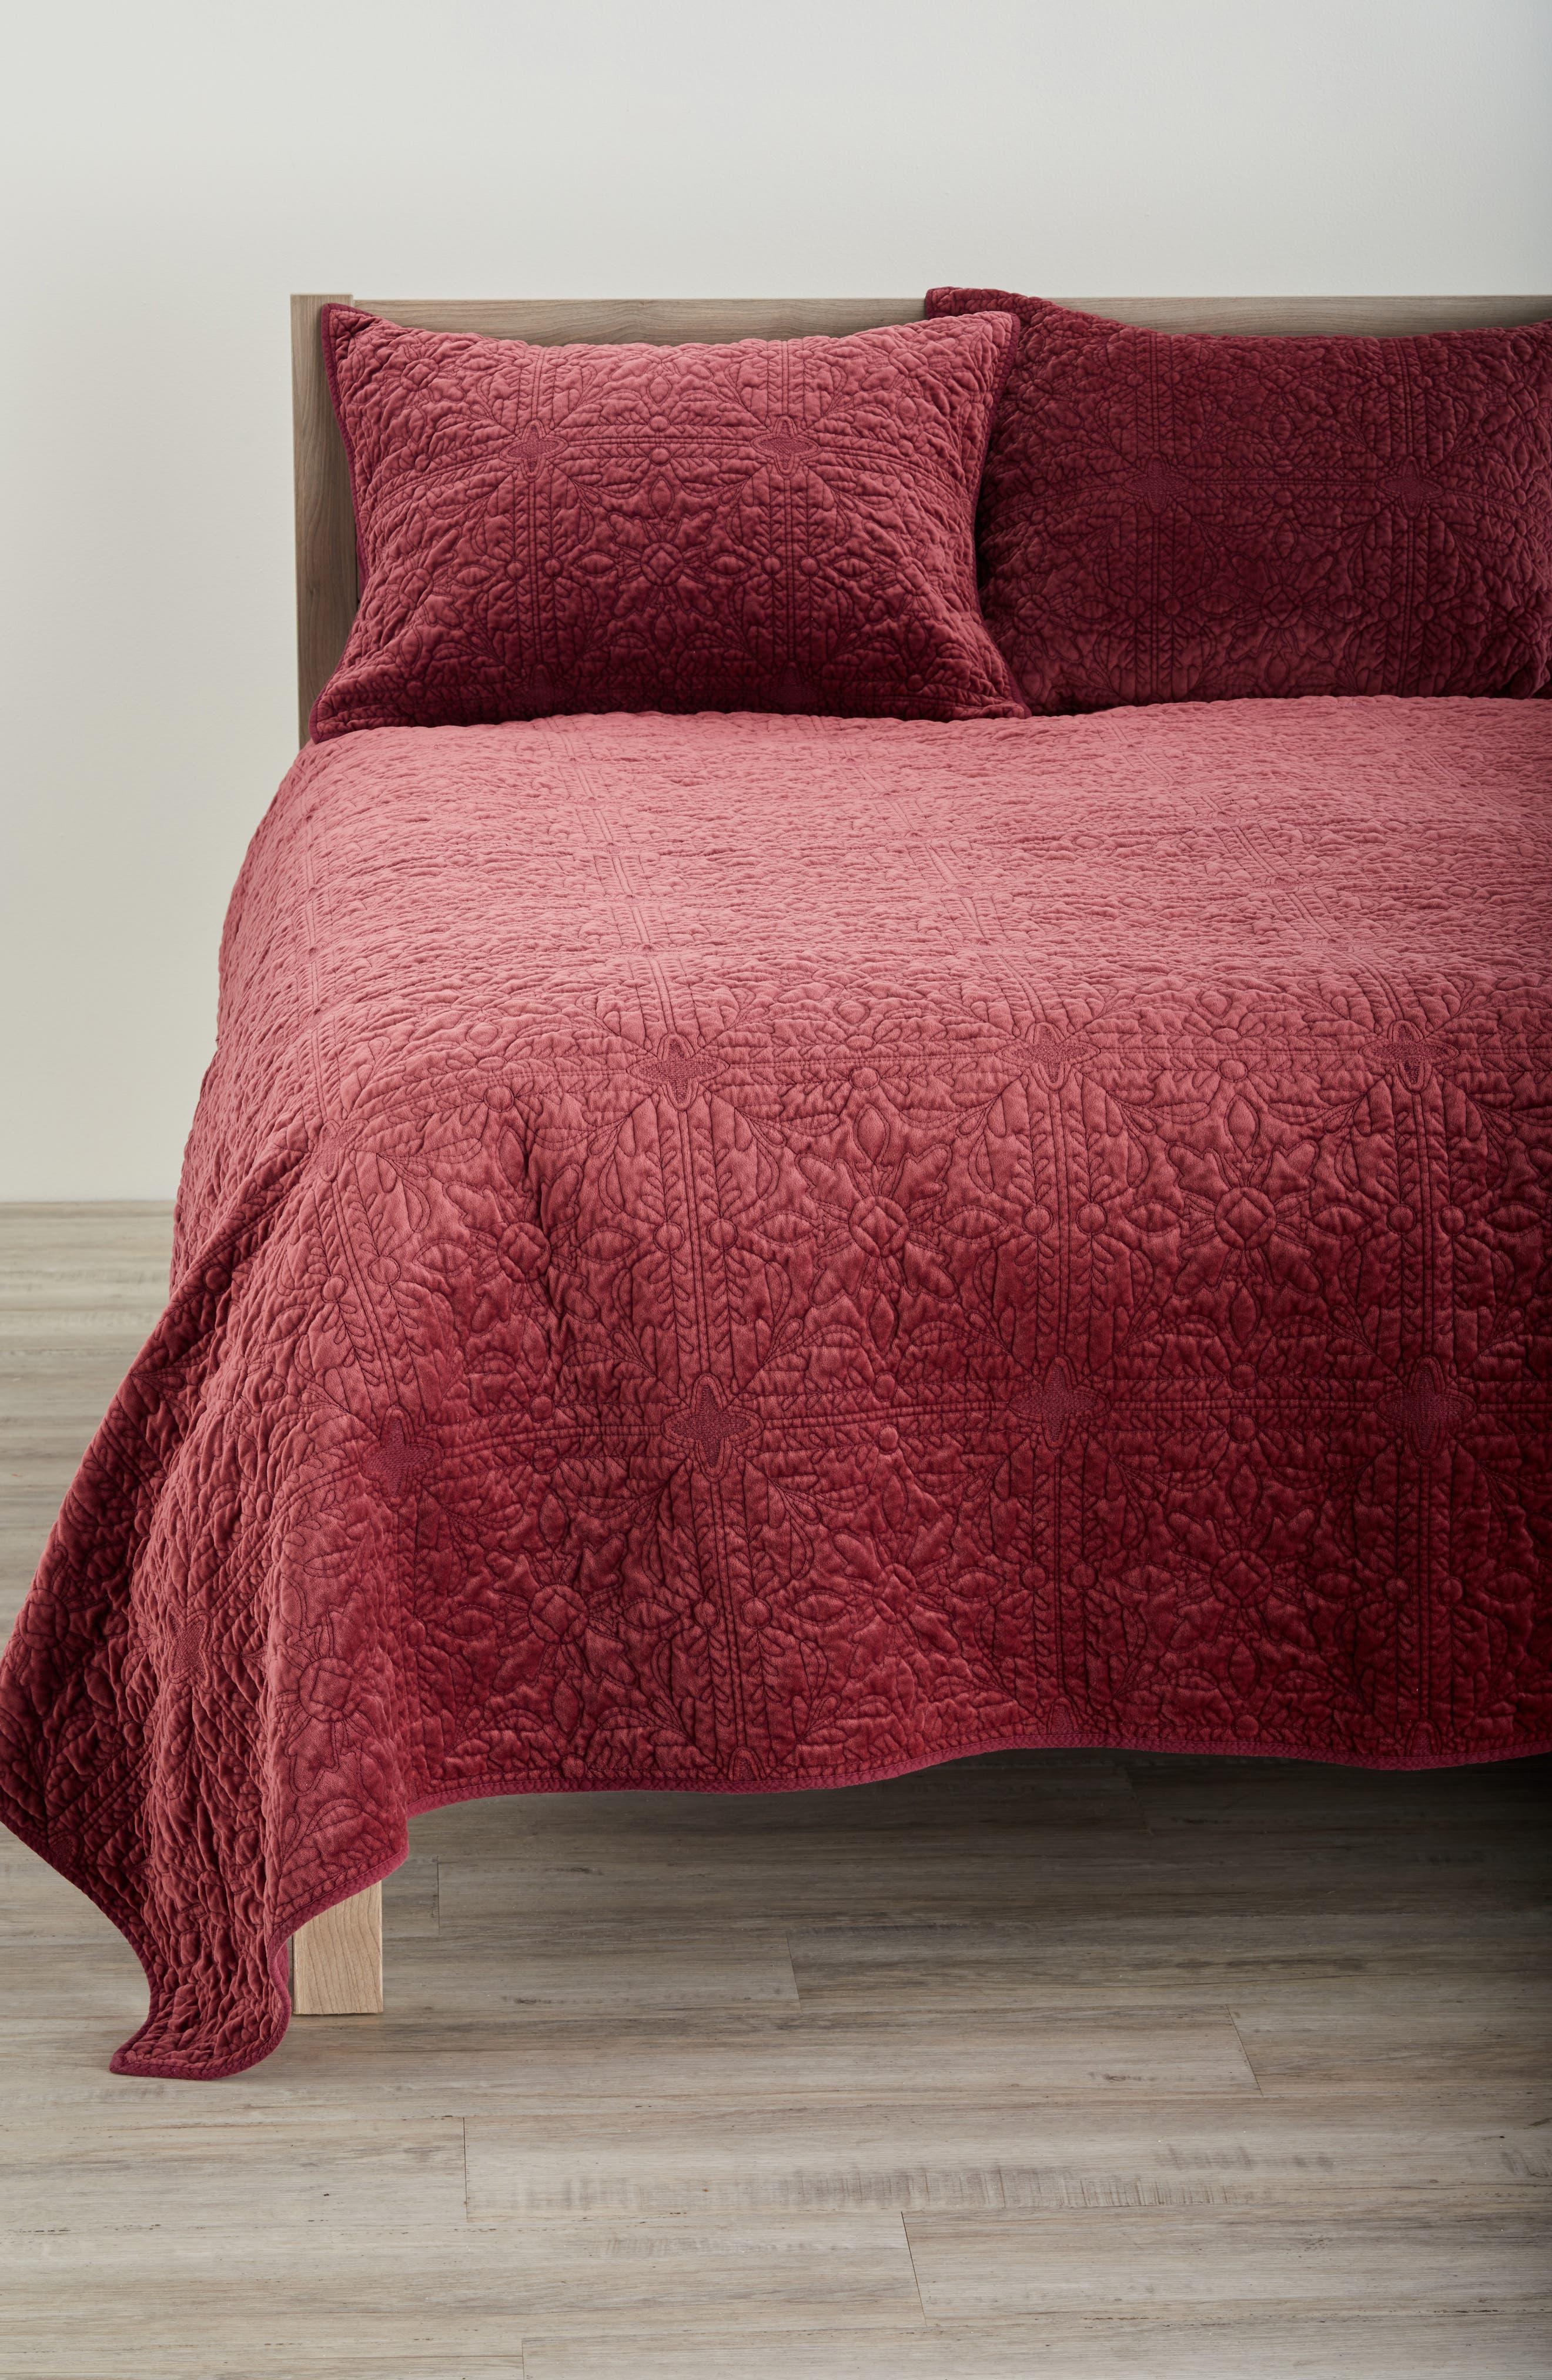 nordstrom at home washed velvet quilt